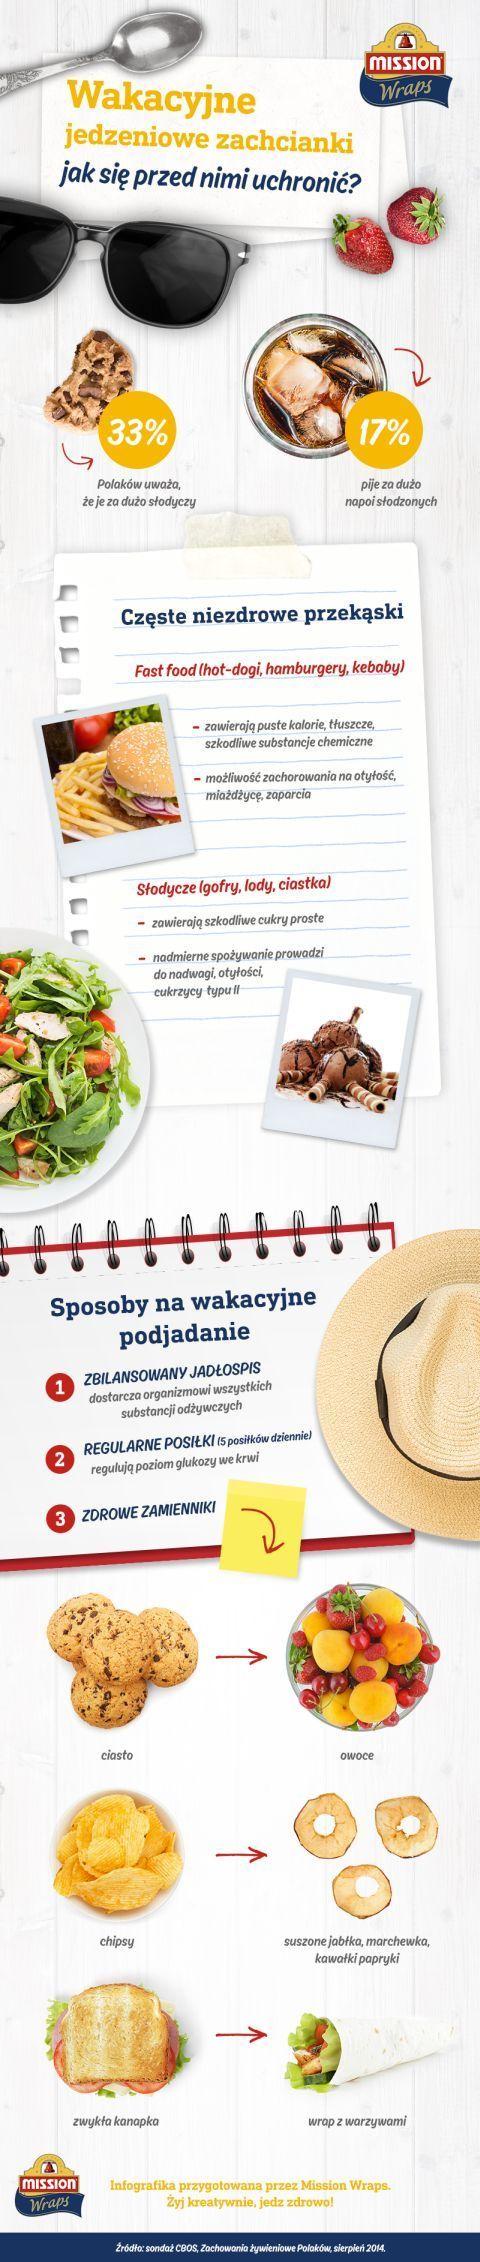 #missionwraps #wraps #infografika #wakcje #zdrowie #odżywianie #inphographic #food #inspiration #meal #nawyki #jedzenie #sondaż #badanie #inspiracja #wrapy www.missionwraps.pl